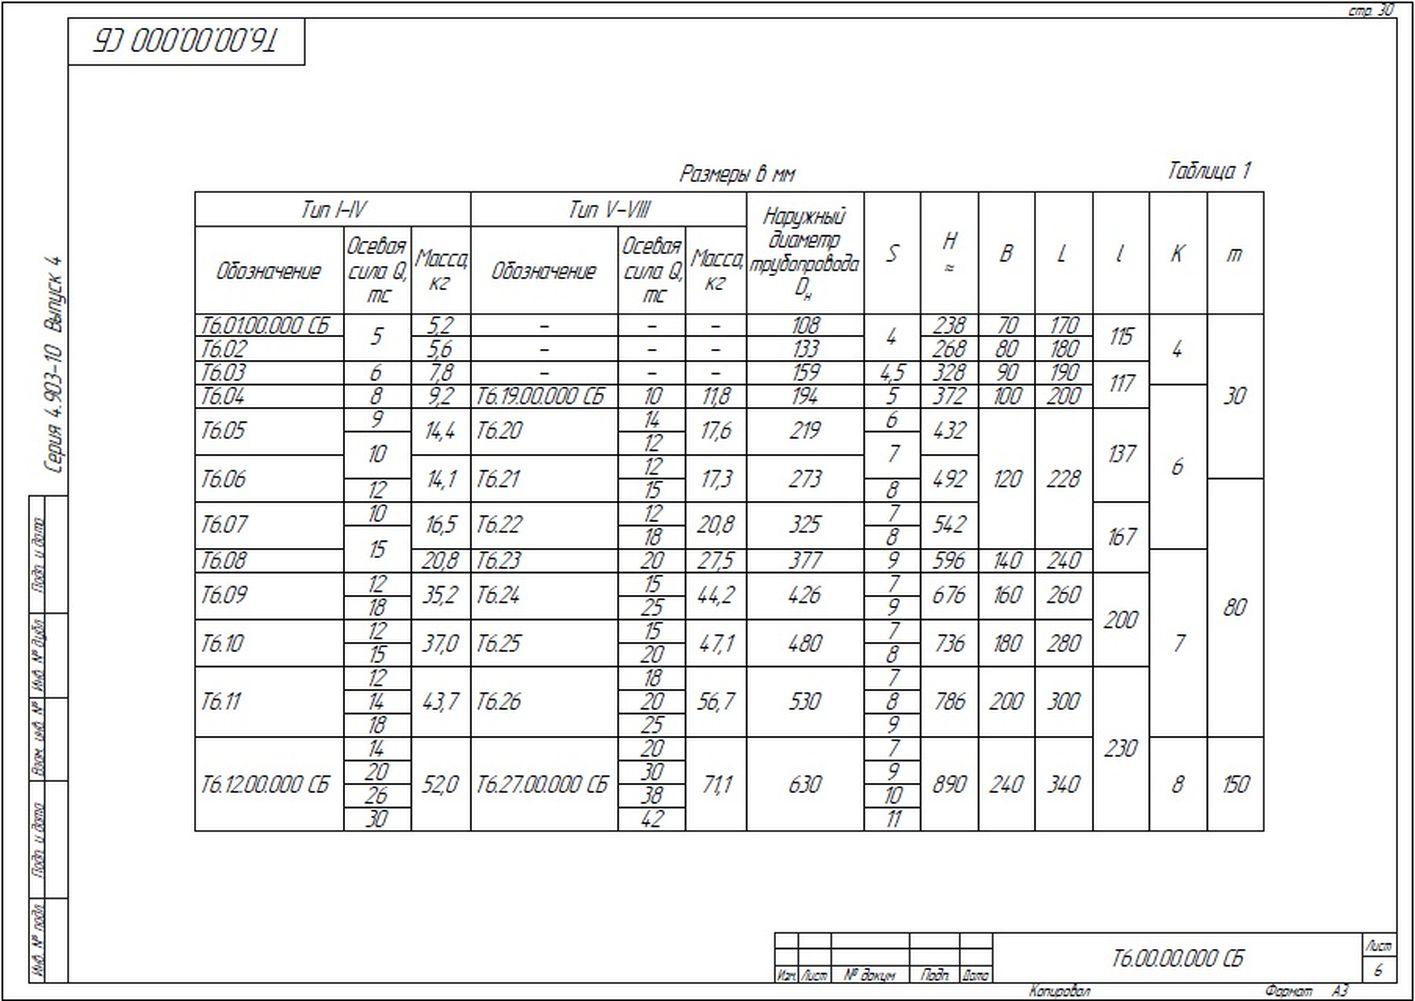 Опора неподвижная лобовая двухупорная усиленная Т6 серия 4.903-10 вып.4 стр.6